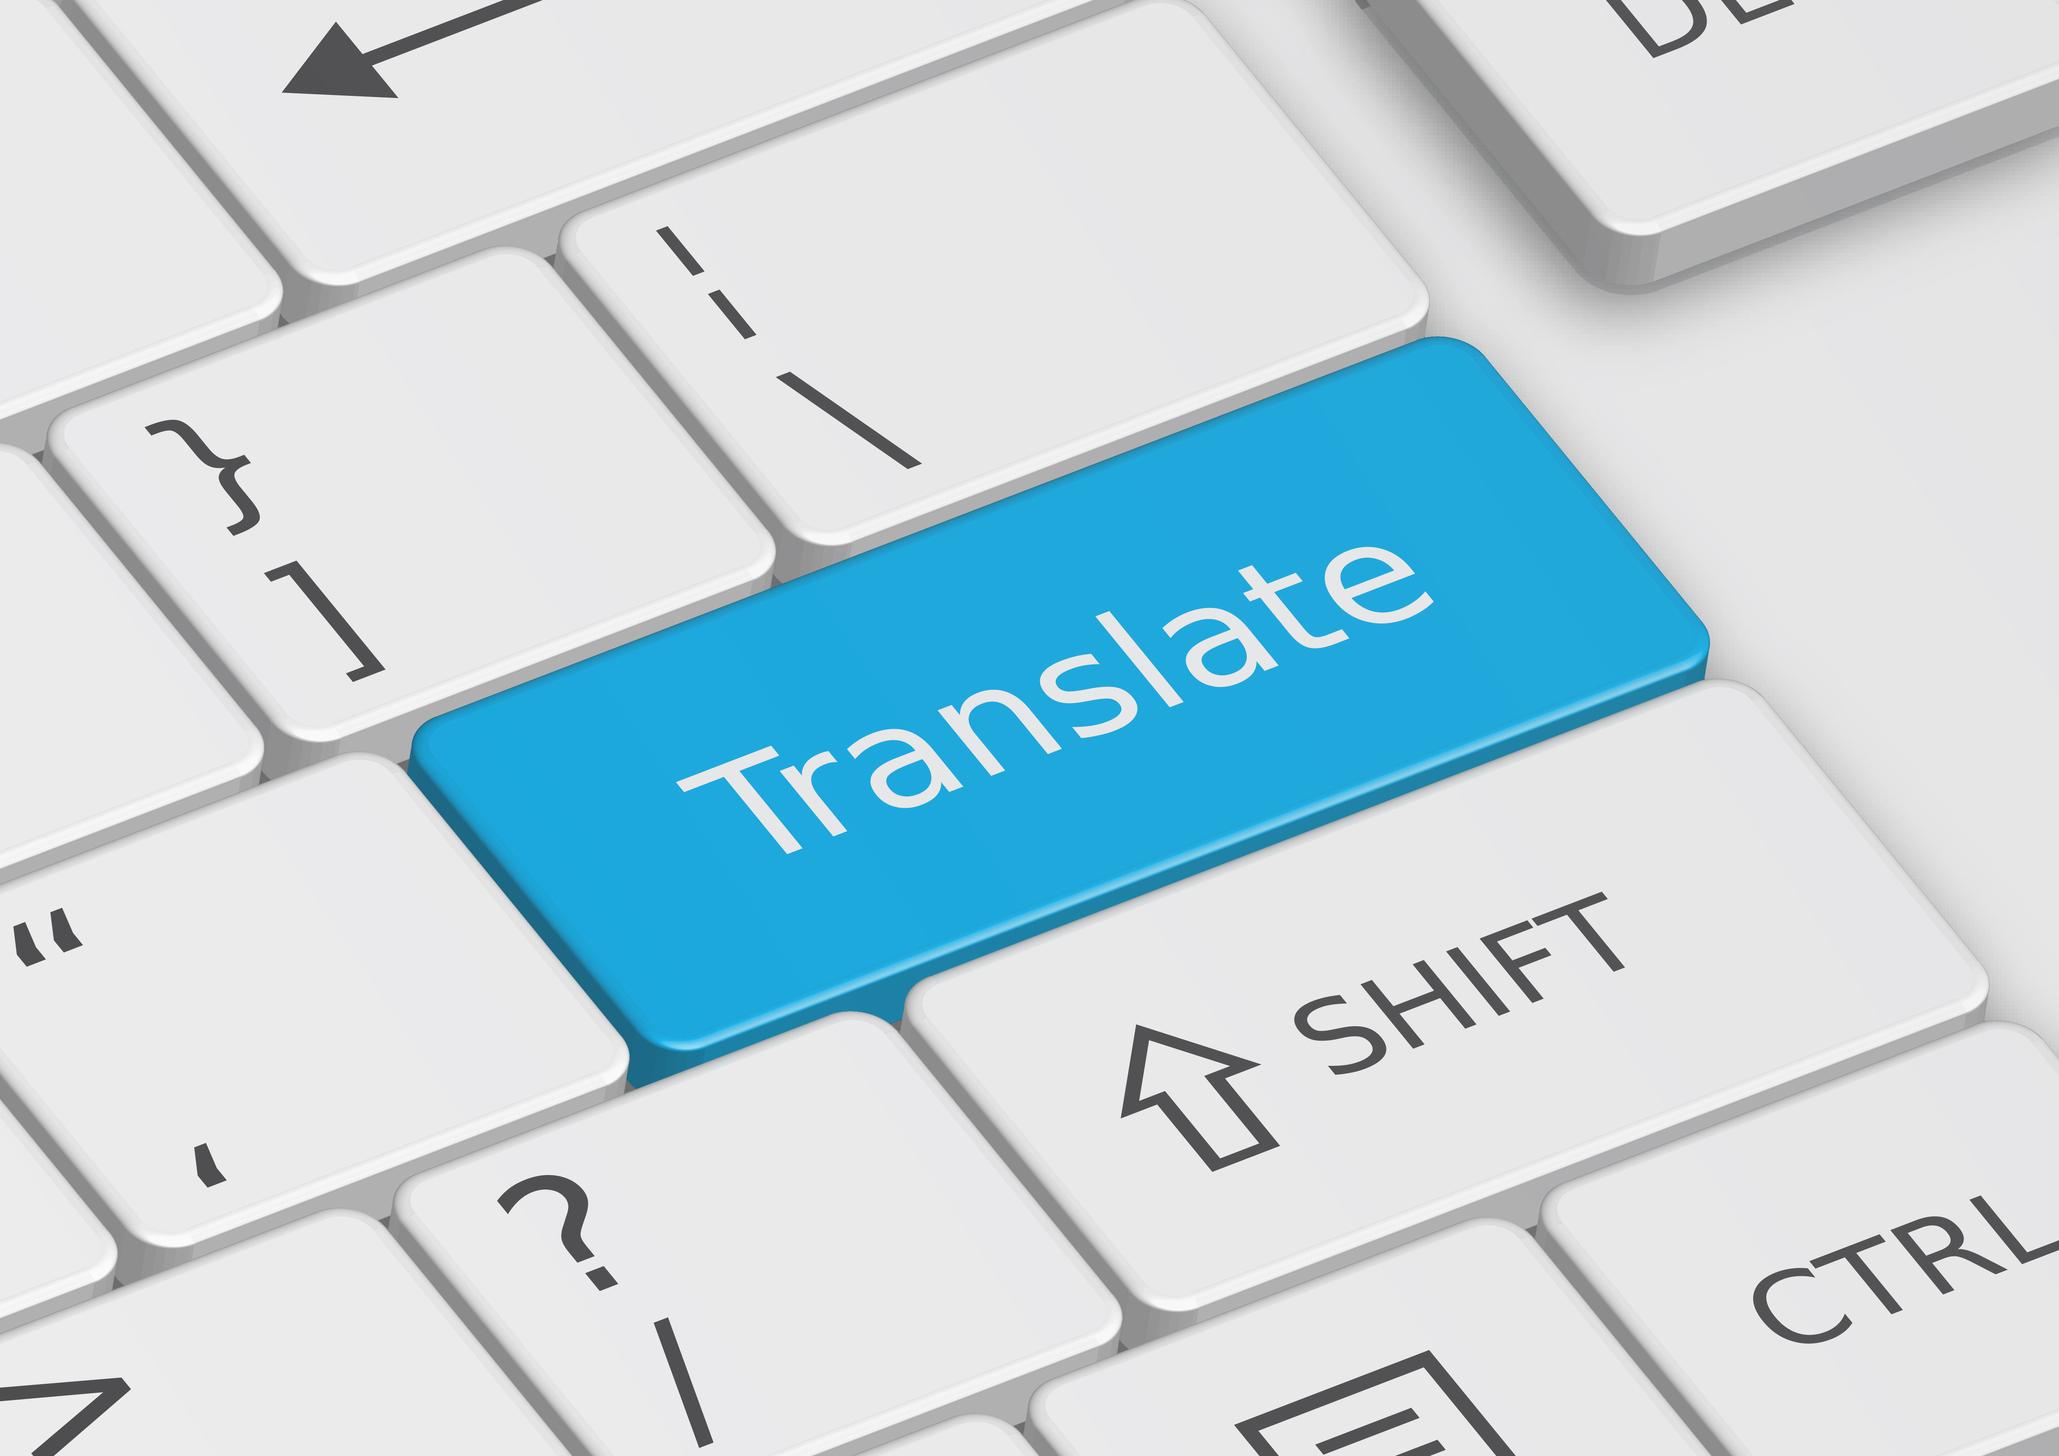 Selain Google Translate Inilah 7 Layanan Penerjemah Online Yang Paling Akurat Belajar Bahasa Online Lokal Local Languange 0 ratings0% found this document useful (0 votes). 2